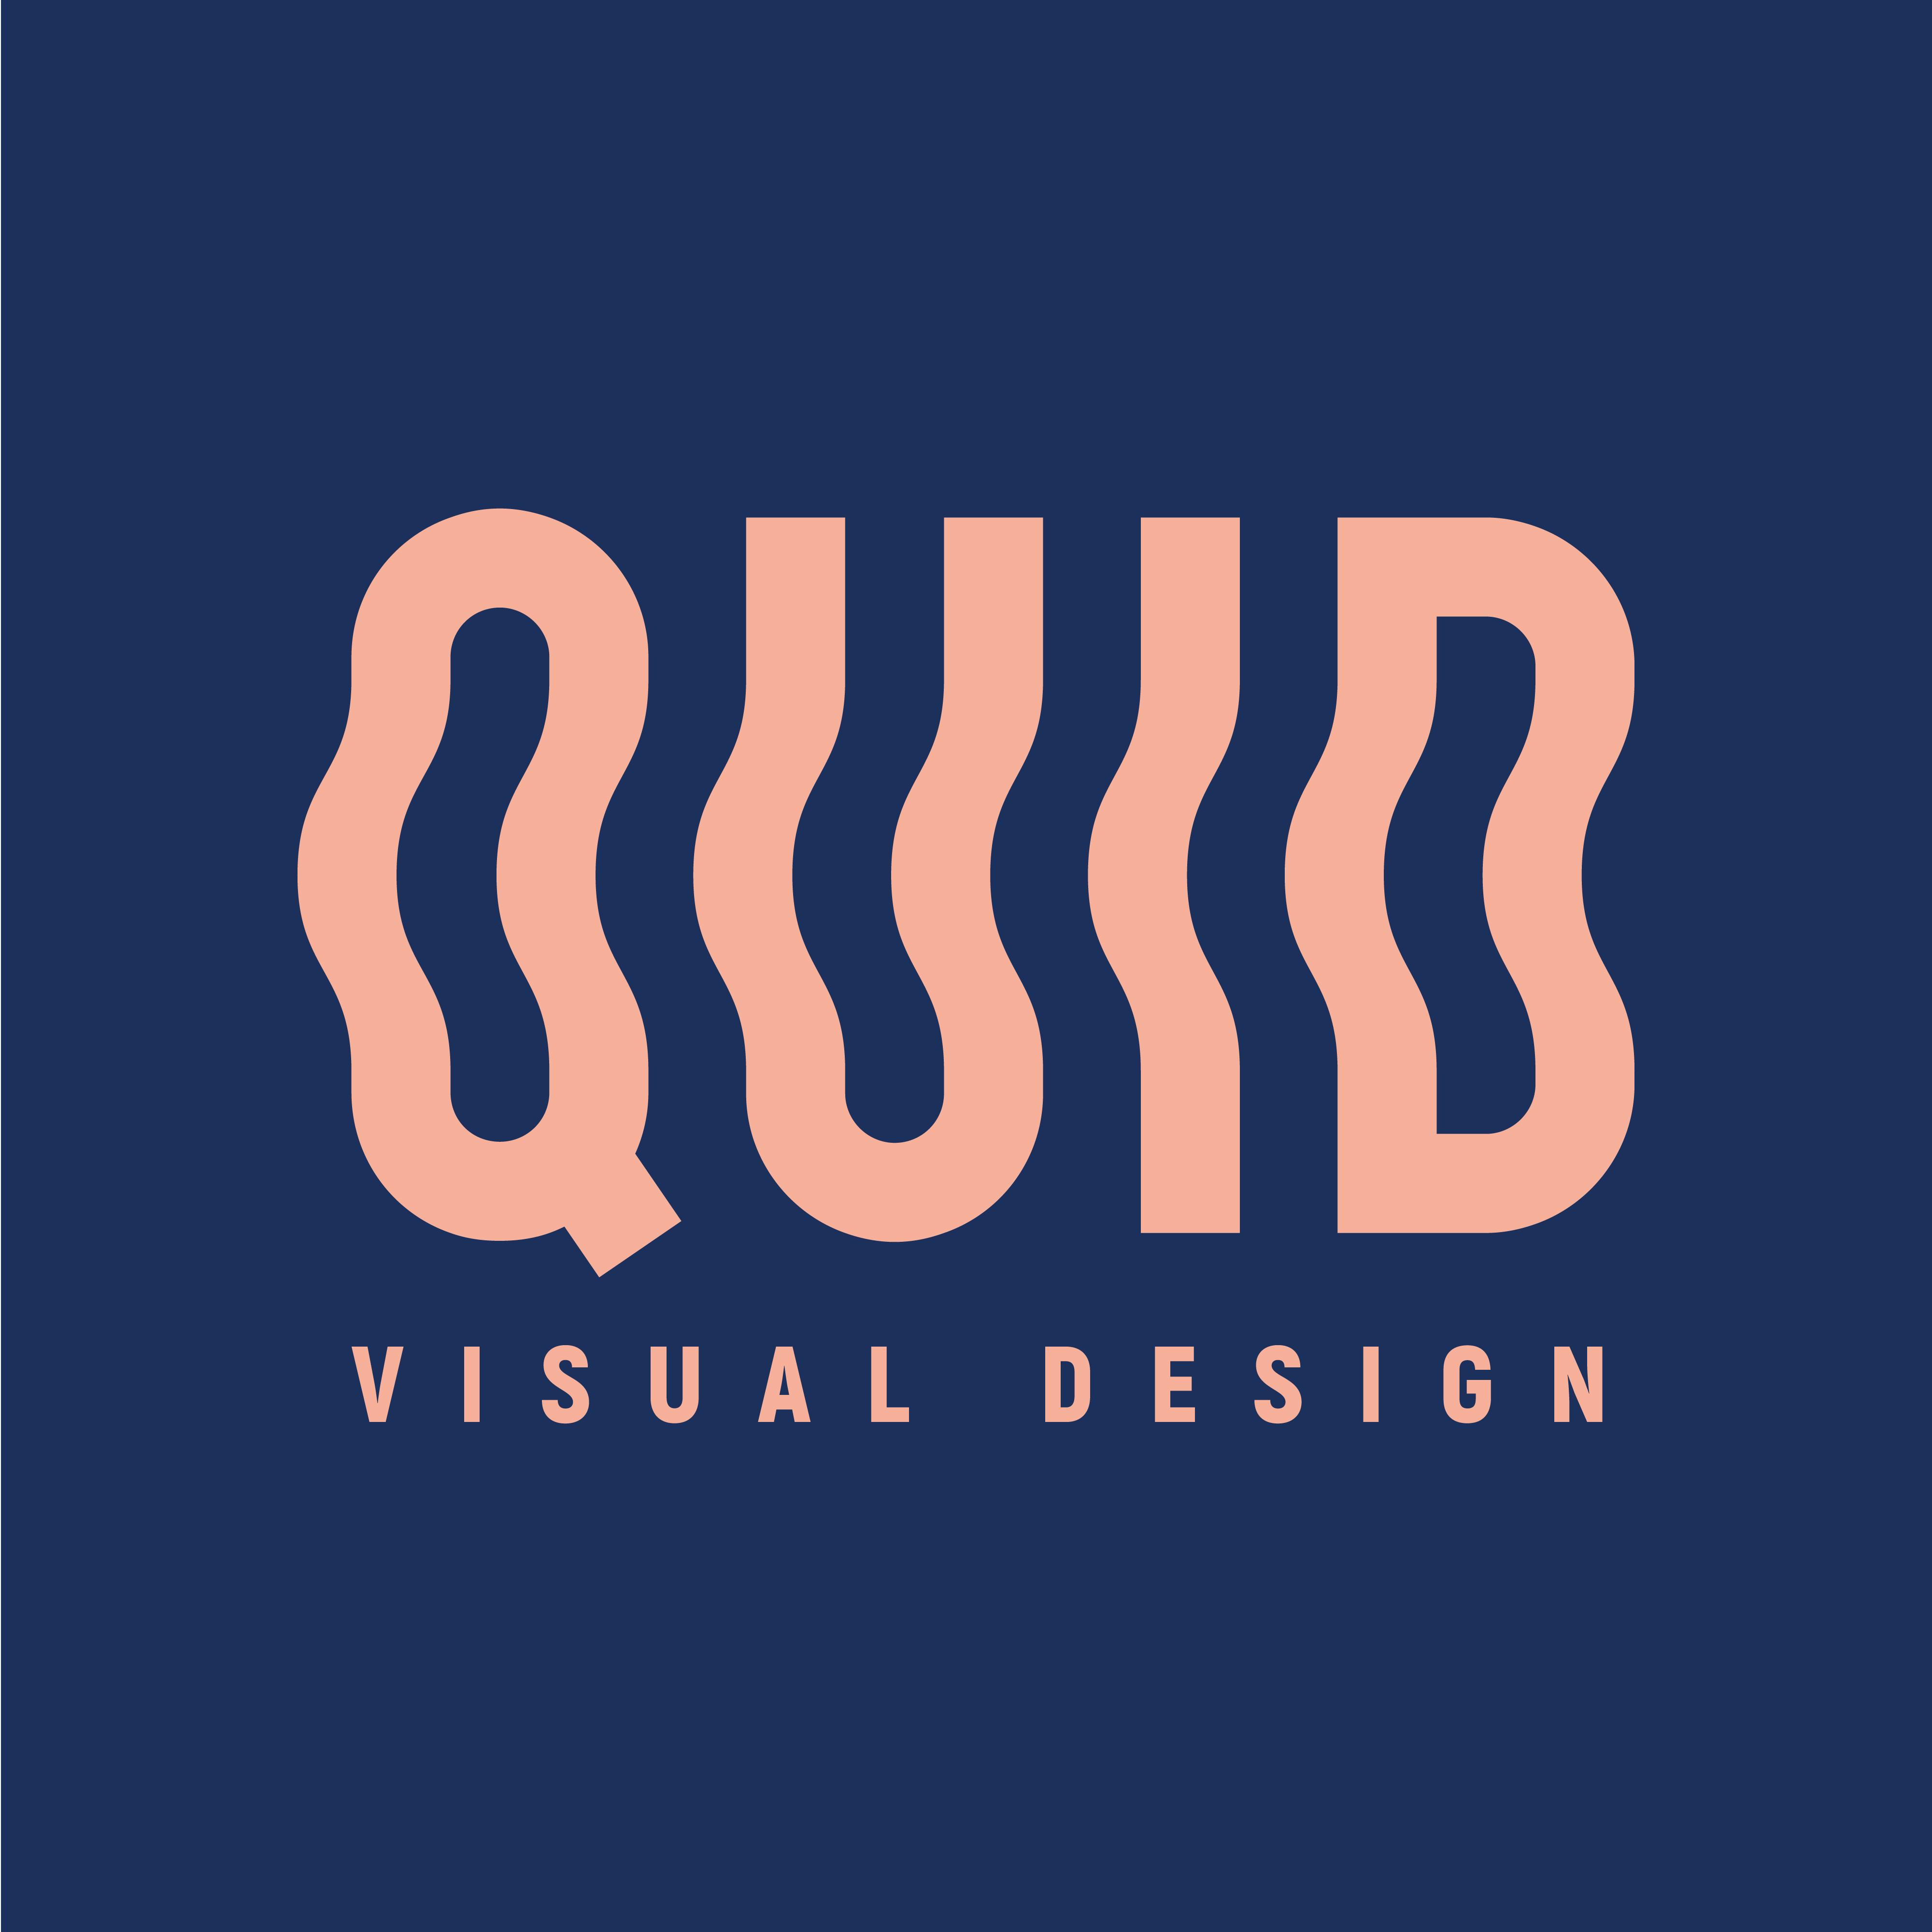 Olio 'u Furiano Packaging - Quid Visual Design - Studio di progettazione grafica, sviluppo e consulenza per il design della comunicazione visiva con sede a Palermo